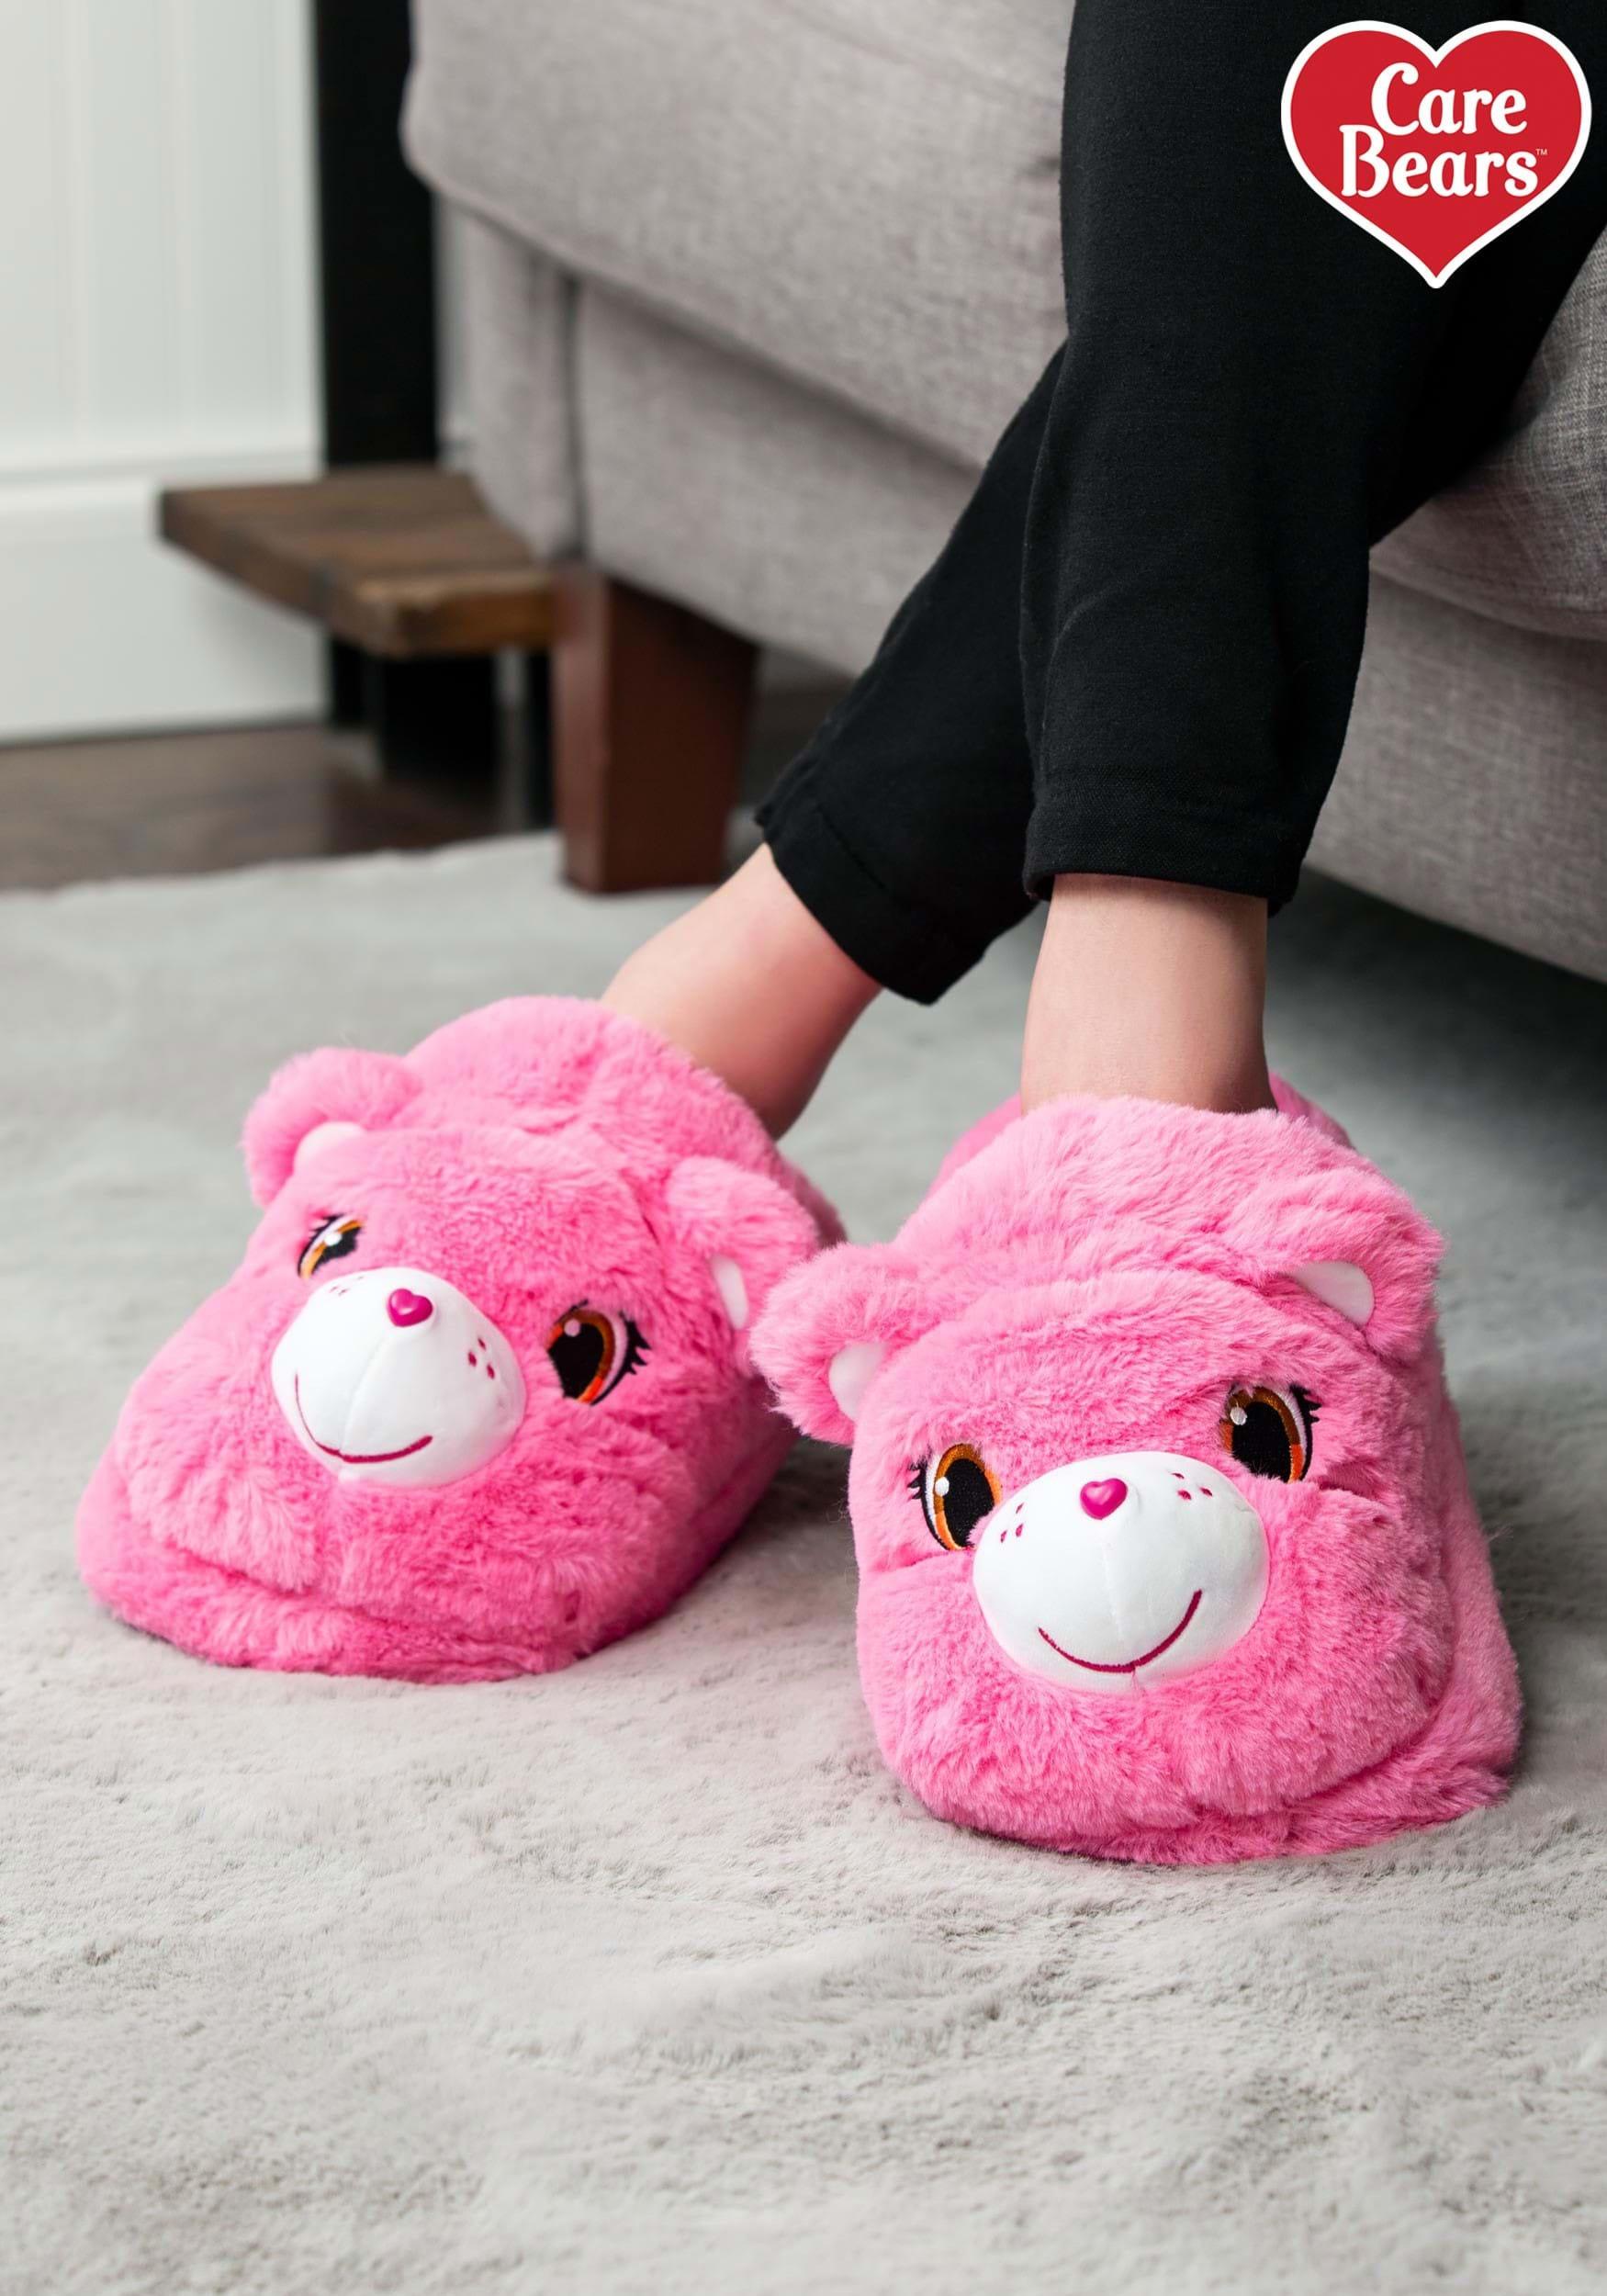 Care Bears Cheer Bear Slippers for Kids